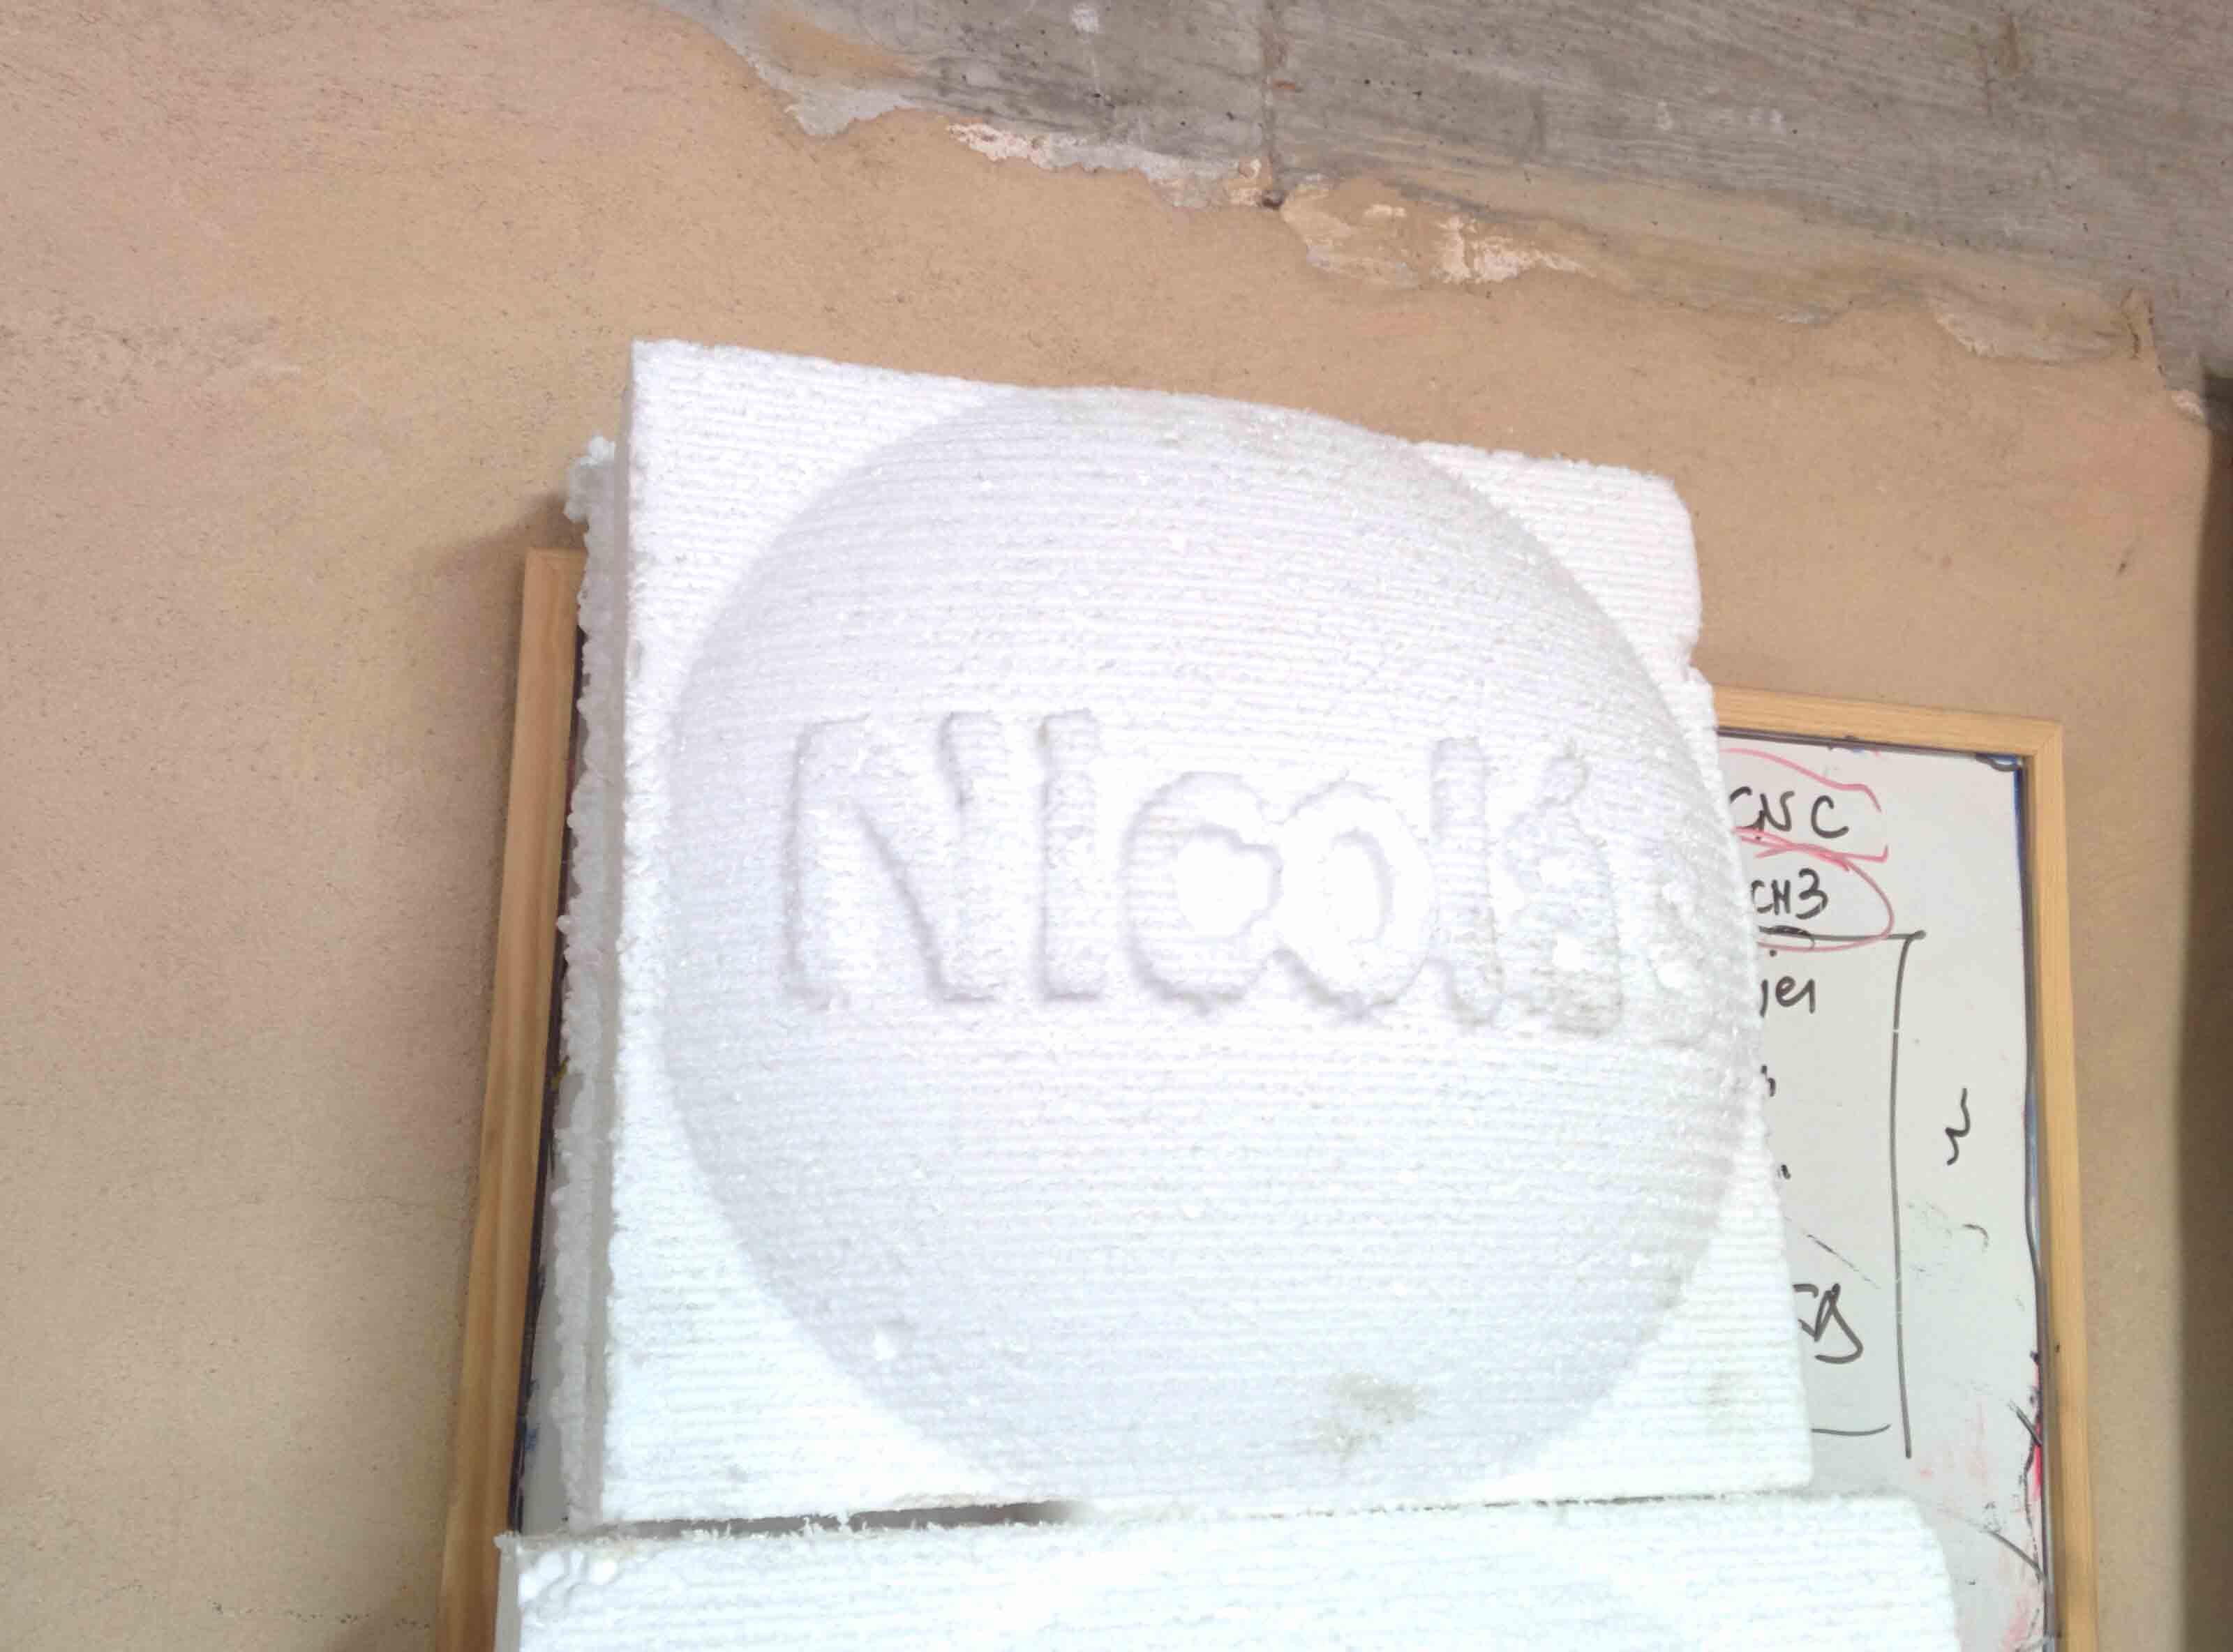 Curso CNC para mecanizar piezas 3D con Aspire de Vectric